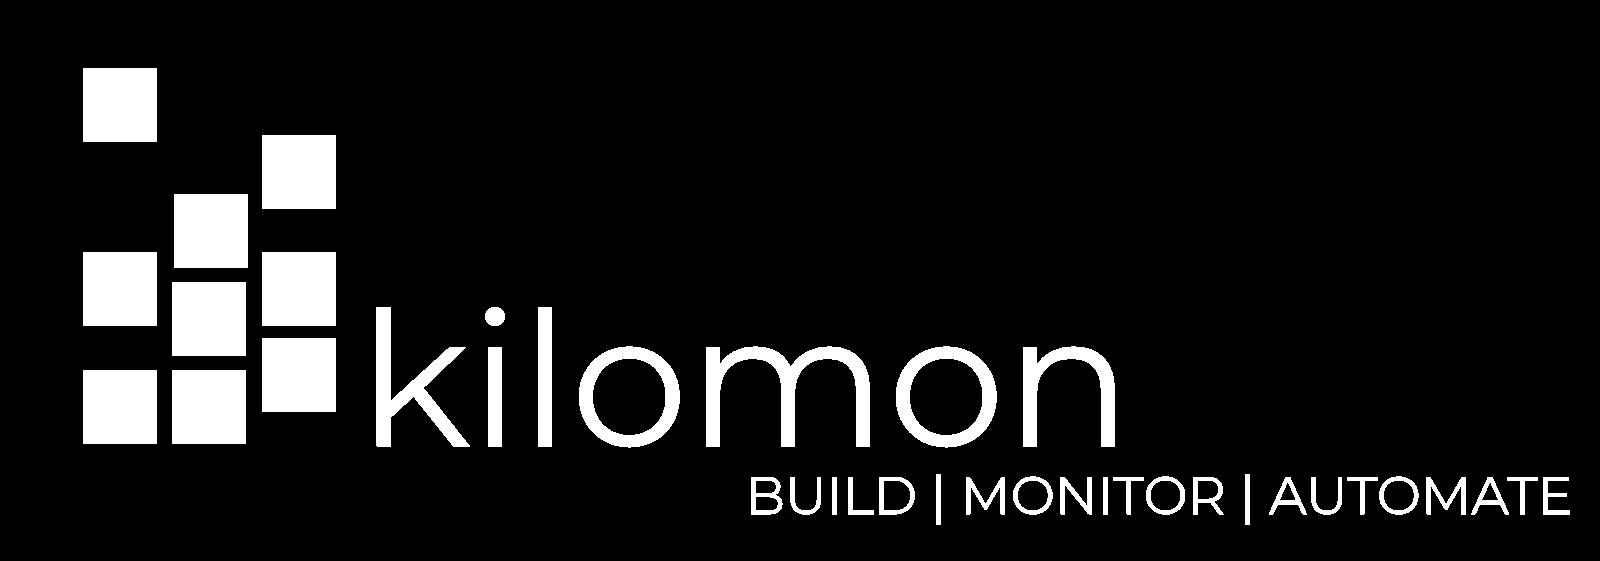 kilomon